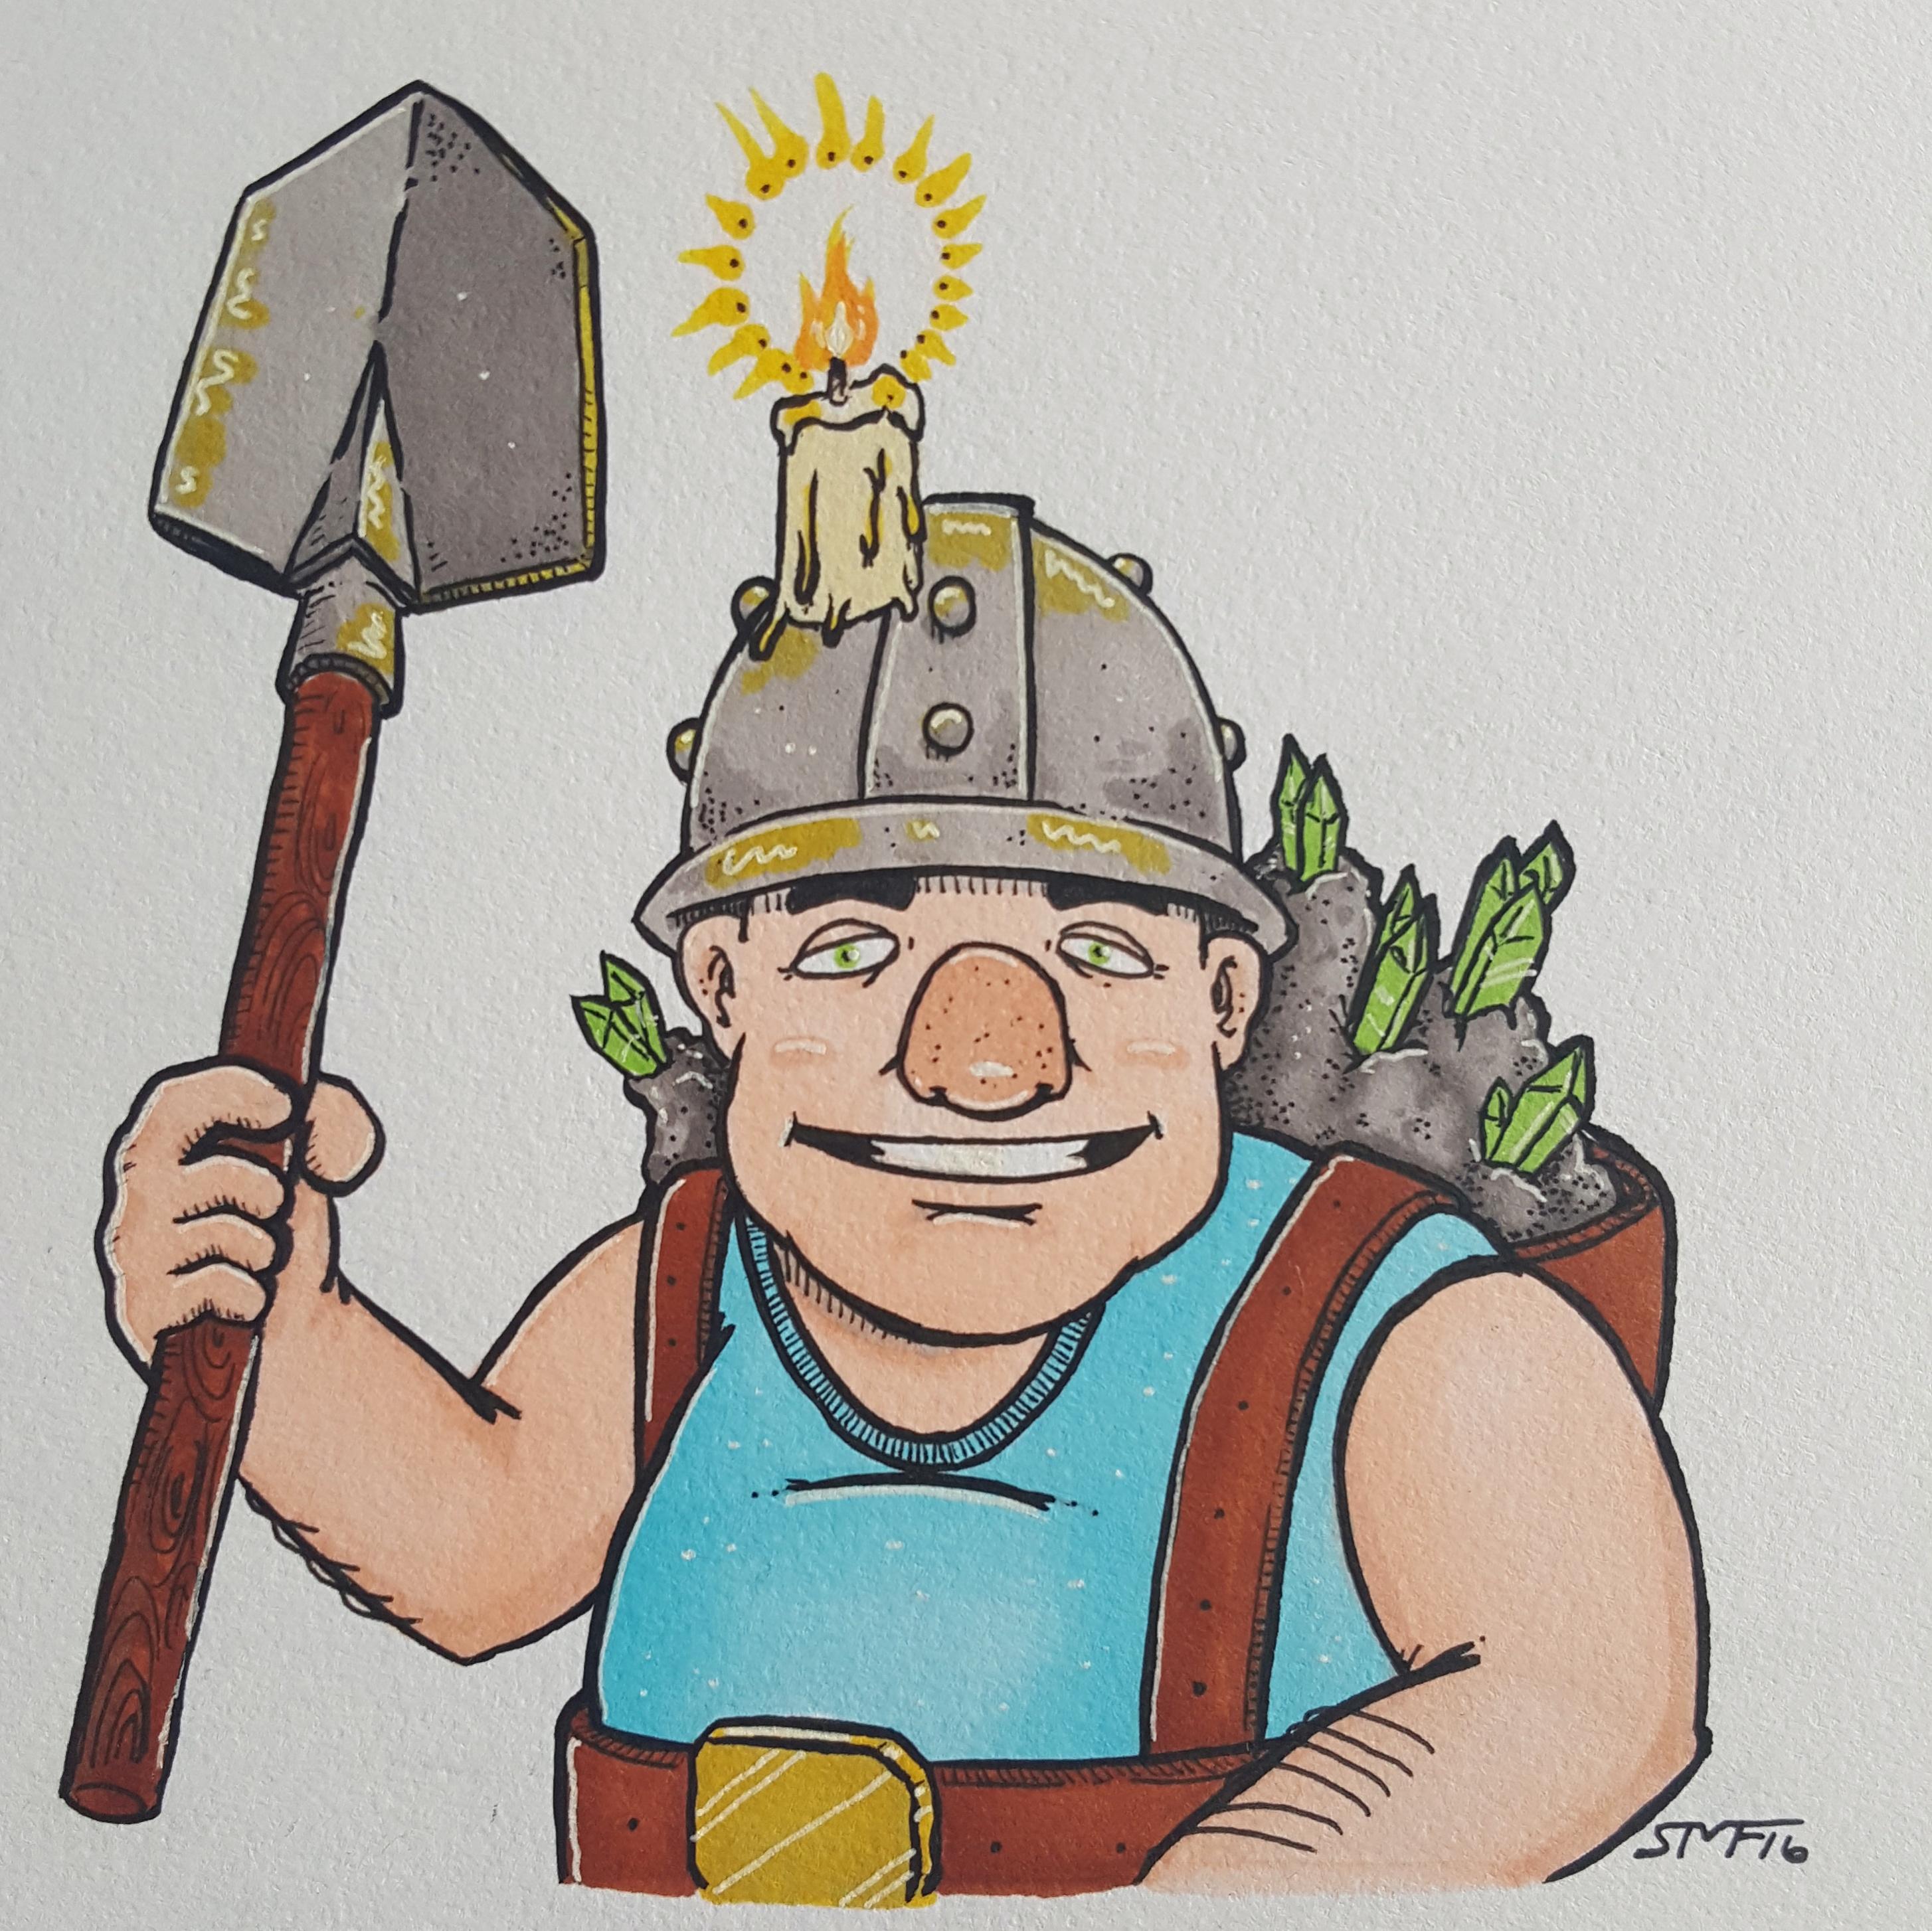 The Legendary Miner